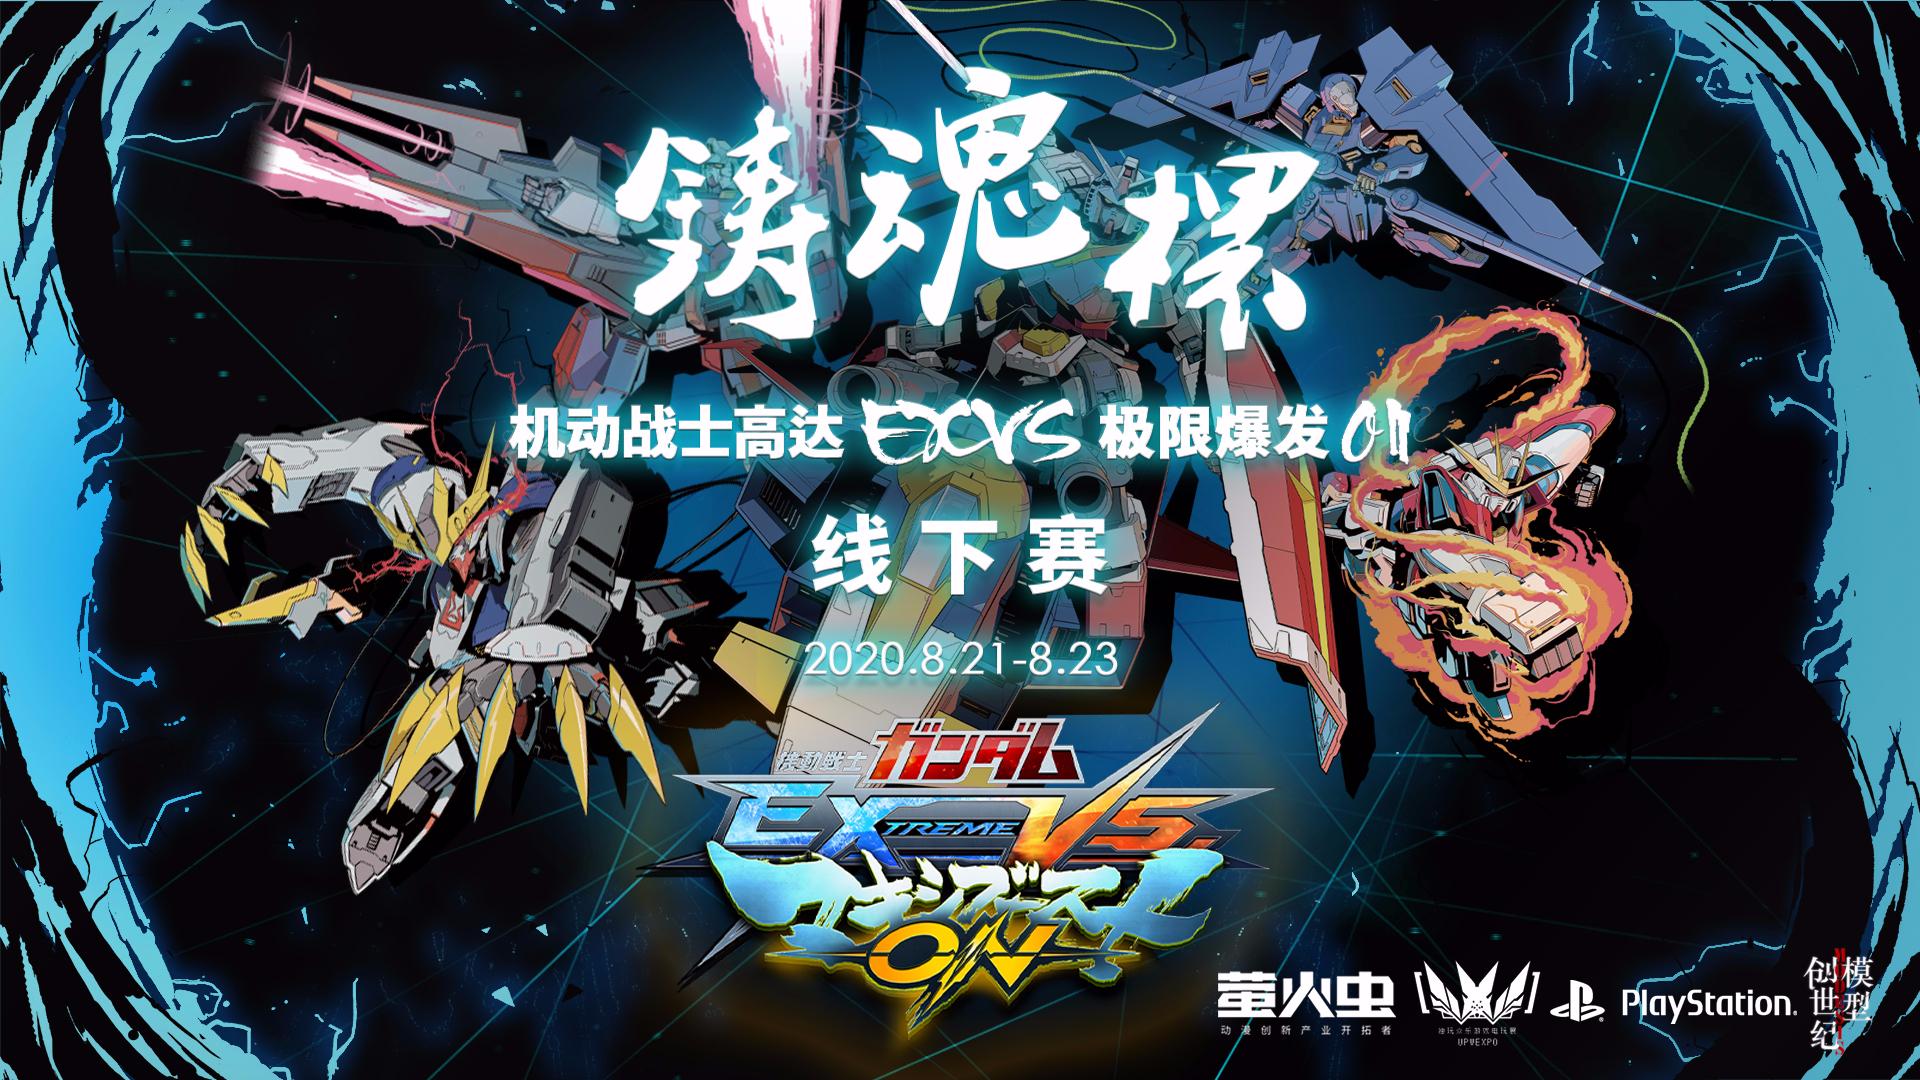 4K【高达EXVSMBON】铸魂杯最终赛终章